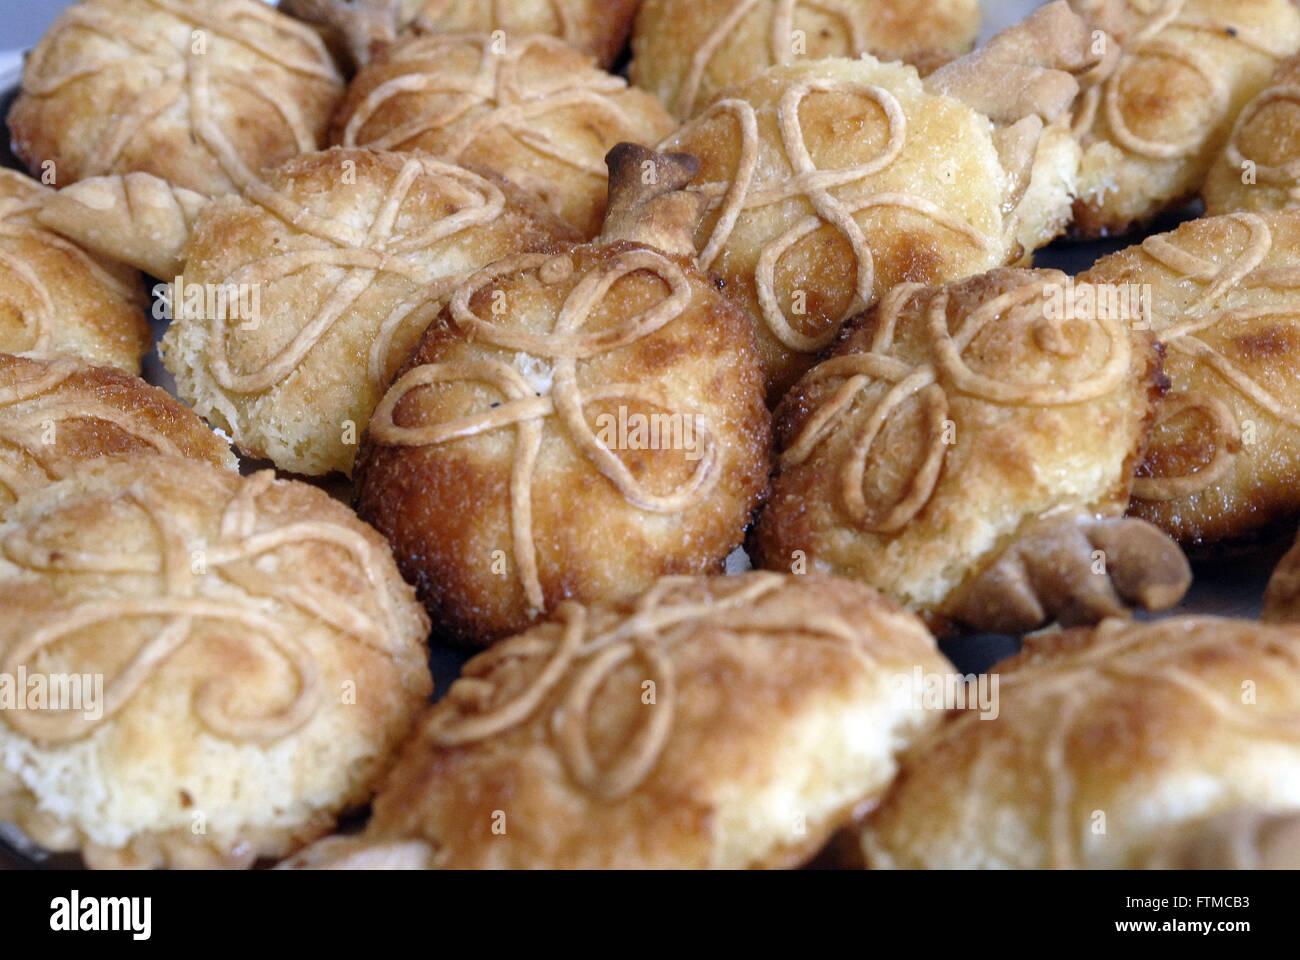 Especie dolce - dolce caratteristico di noce di cocco città delle Azzorre di Alcantara Immagini Stock